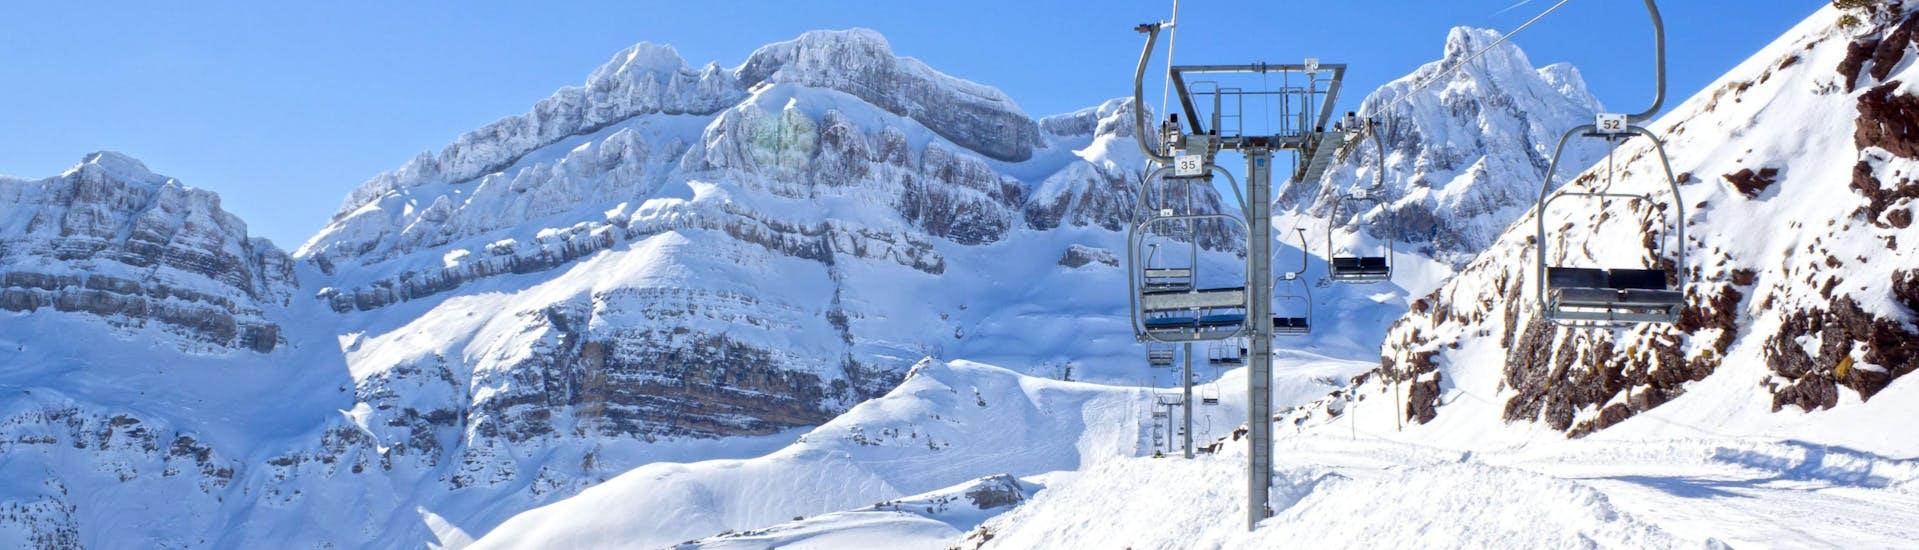 Photo d'une remontée mécanique dans la station de ski espagnole de Candanchú, où les écoles de ski locales offrent de nombreux cours de ski à ceux qui souhaitent apprendre à skier.